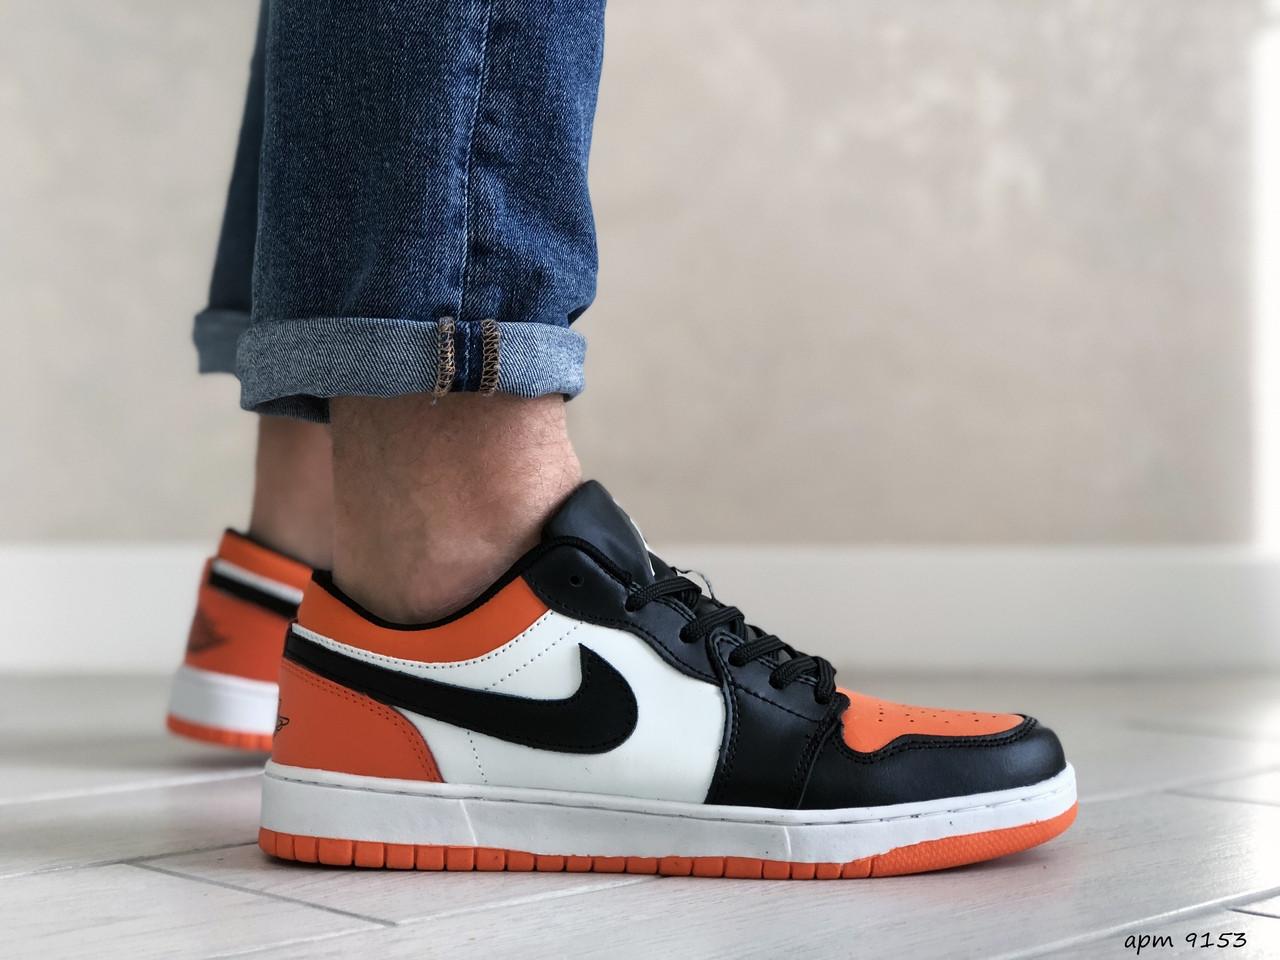 Мужские весенние кроссовки Nike Air Jordan 1 Low, черно белые с оранжевым